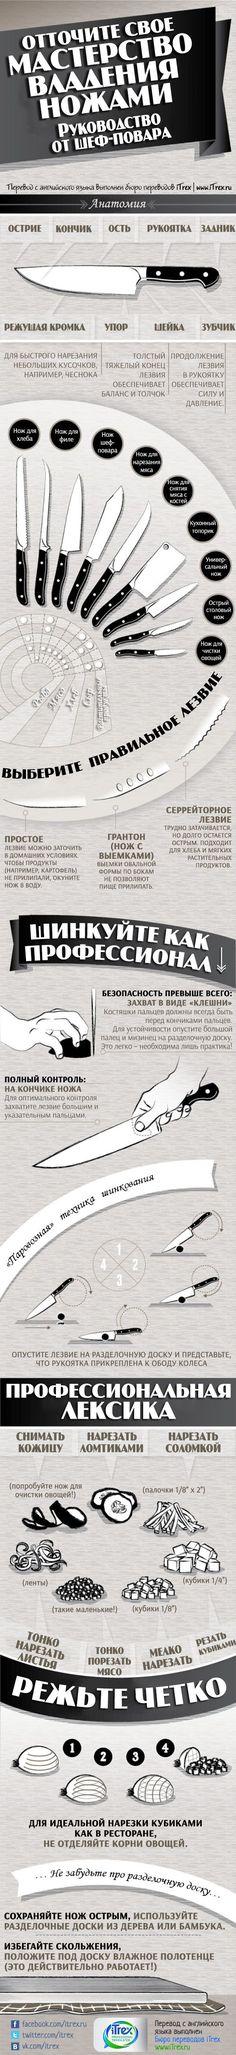 Любите готовить? Тогда это руководство по выбору ножей и работе с ними вам точно пригодится :)   Подробнее: http://itrex.ru/news/masterstvo-vladeniya-nozhami#ixzz3bYUZLjF6